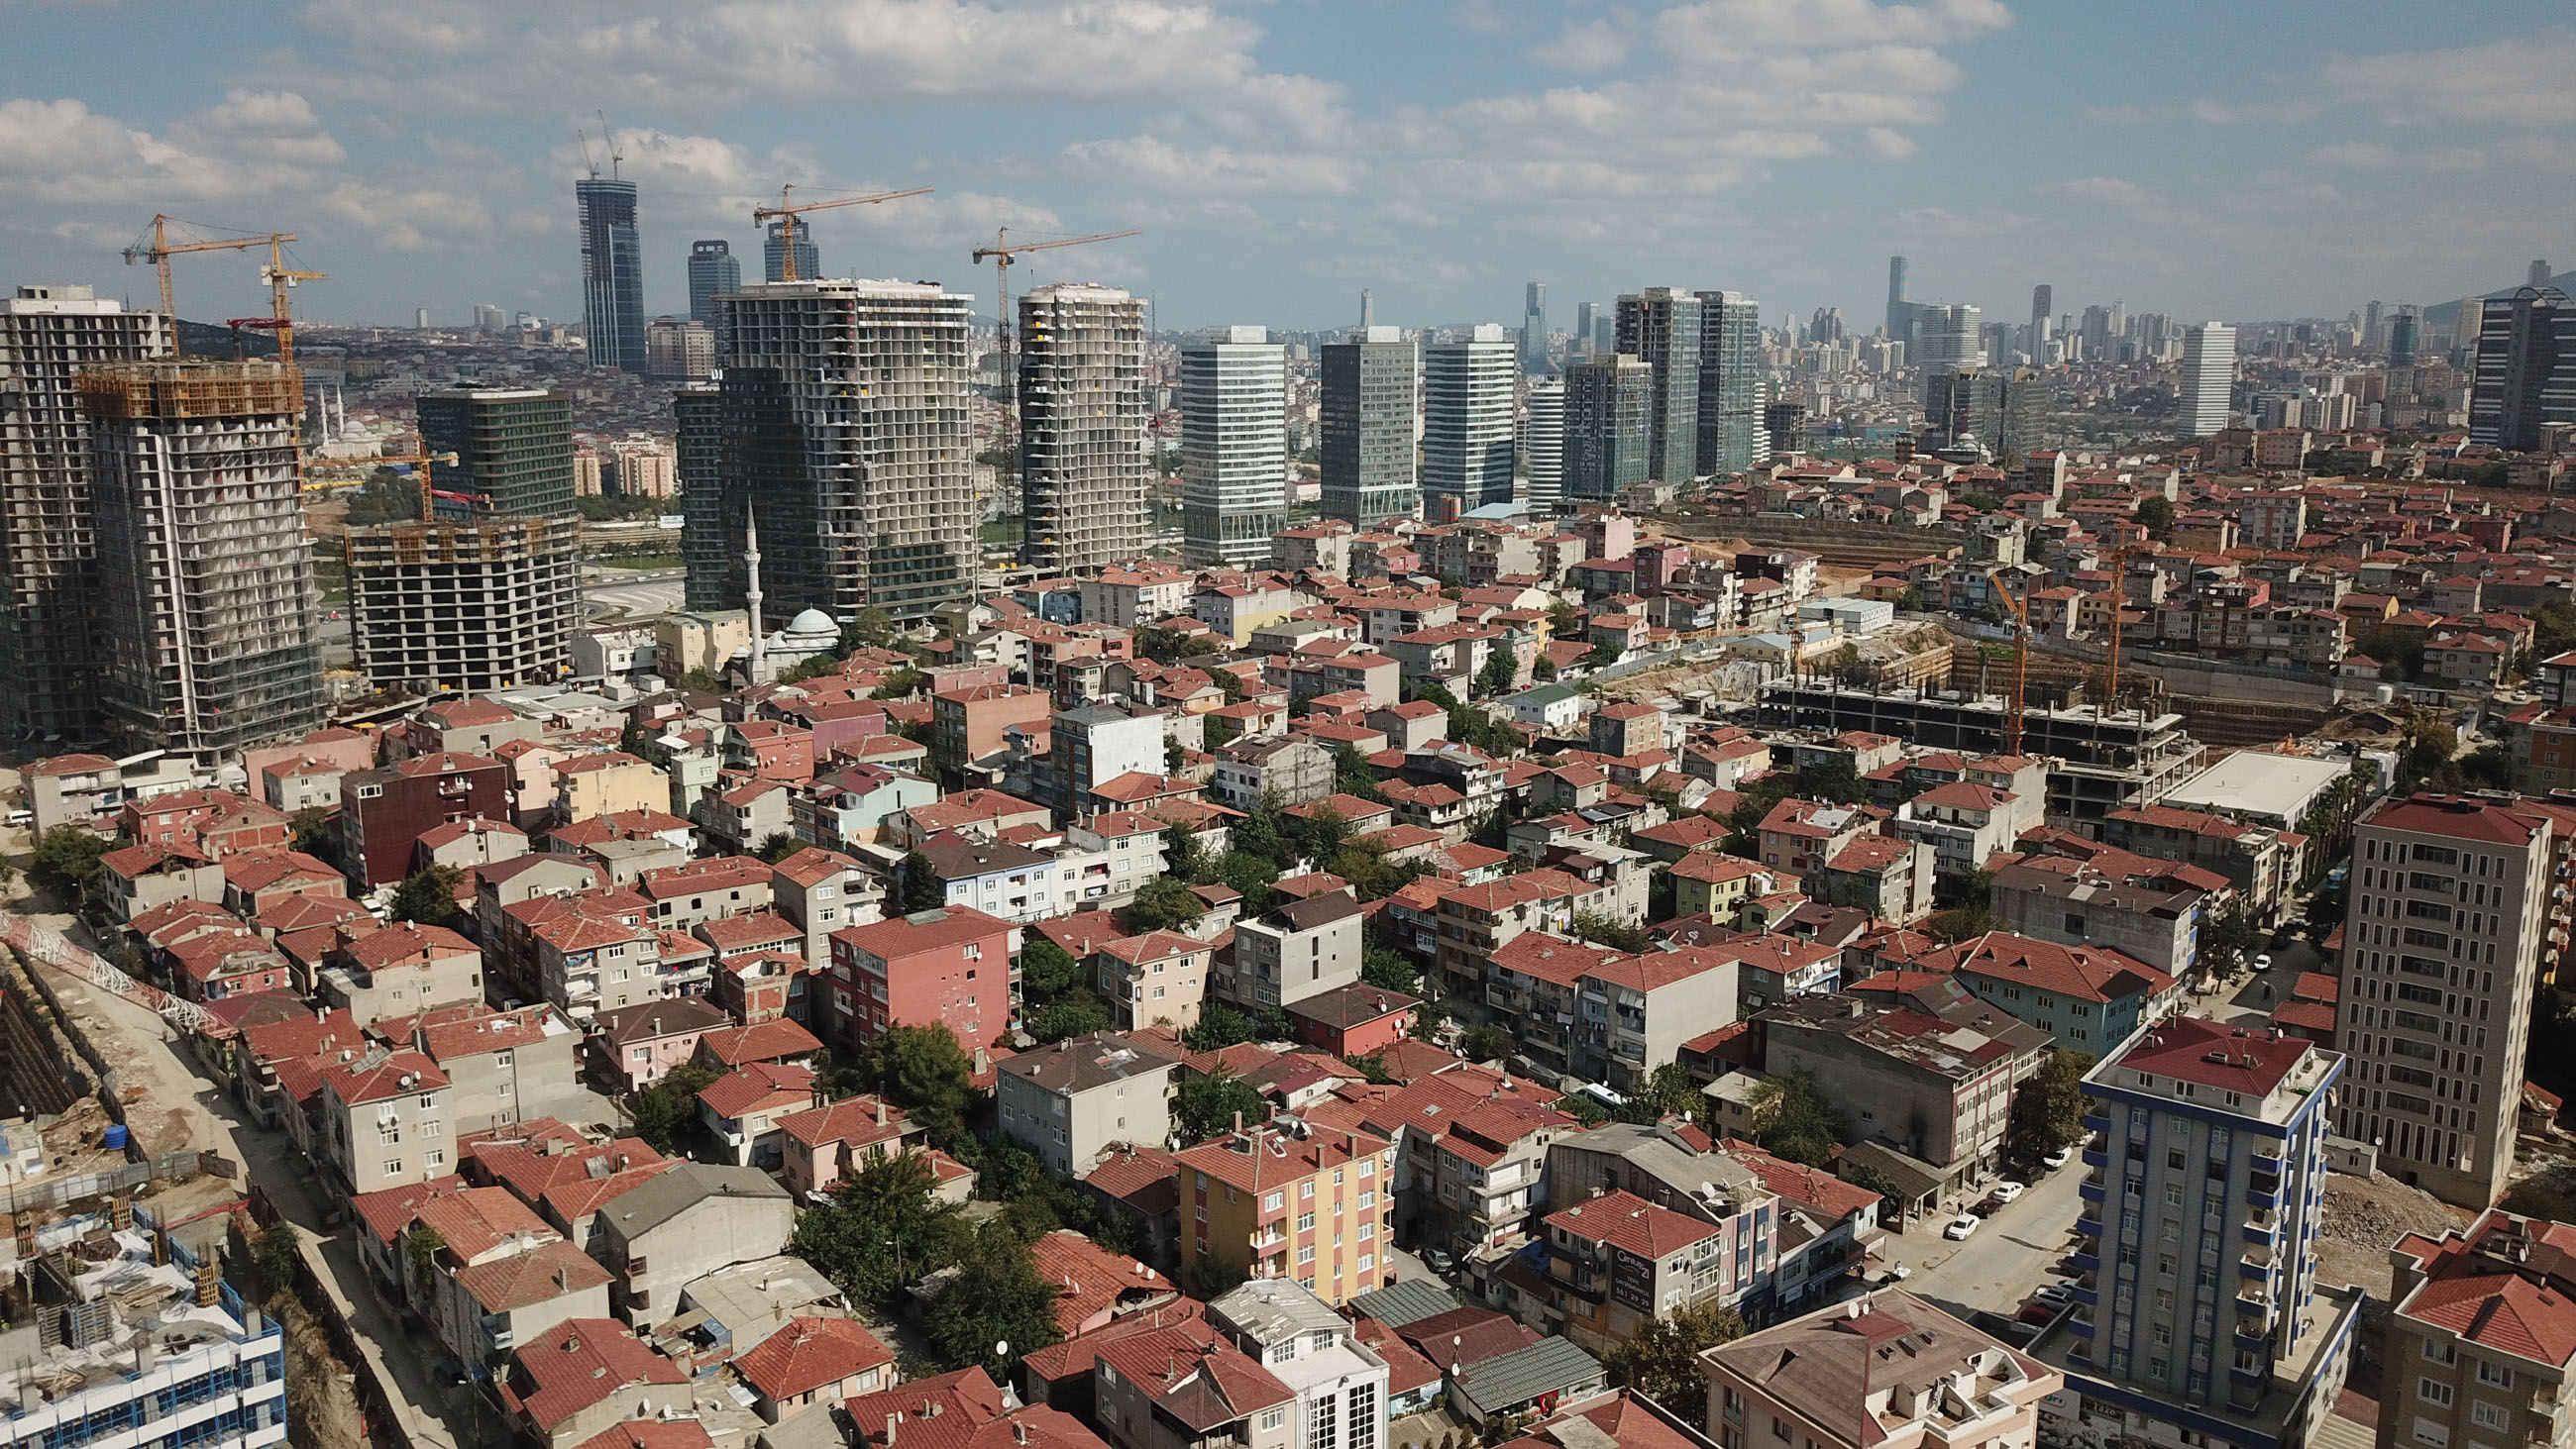 Mimarlar Odası Başkanı Muhcu: 12 milyon kaçak yapı için barış değil af geliyor 40